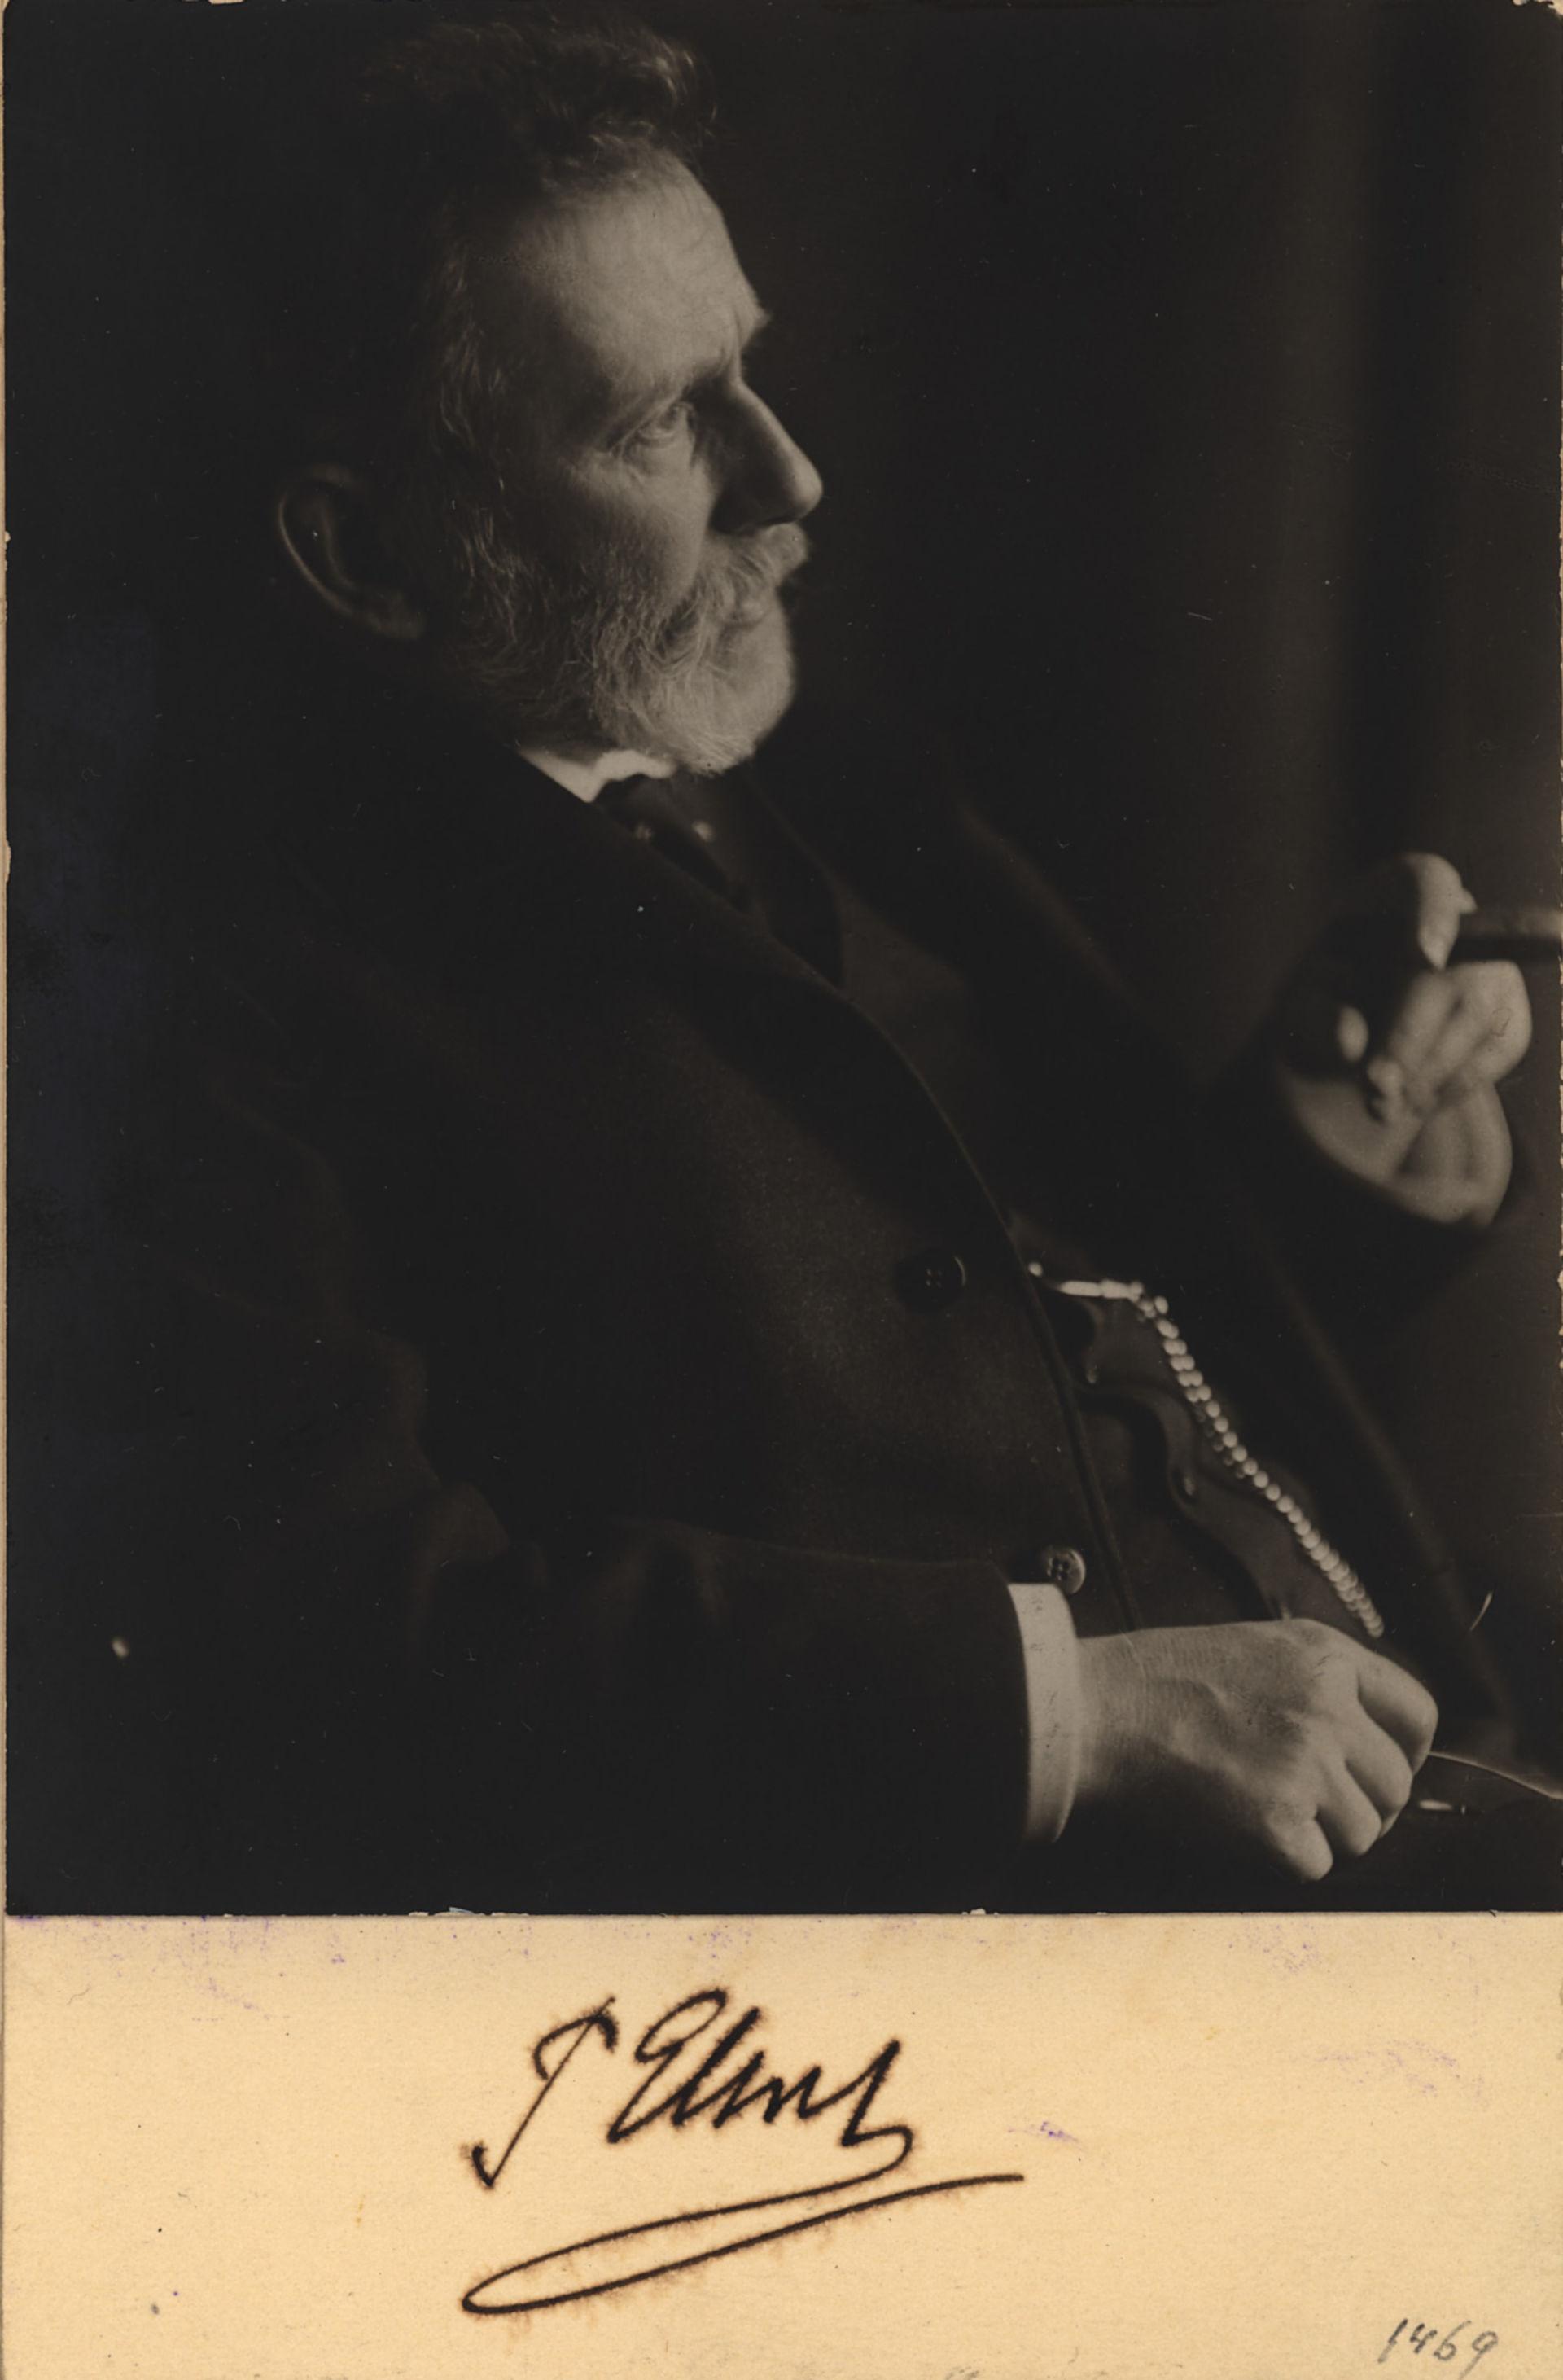 Paul Ehrlich (1854-1915)